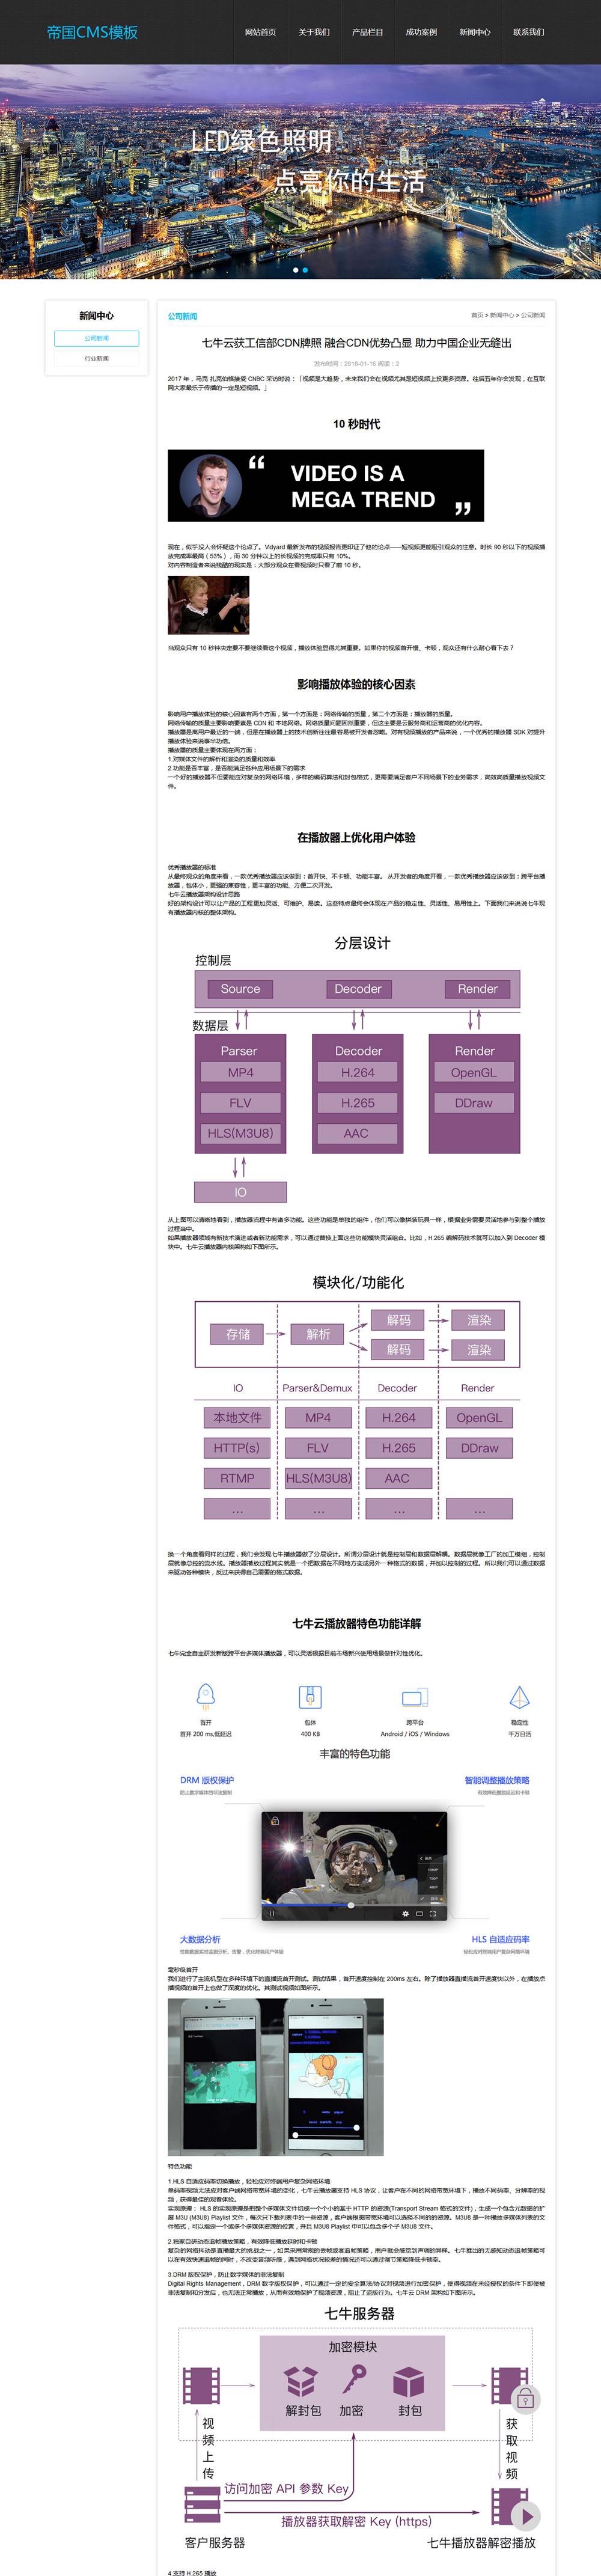 黑色帝国CMS综合行业企业网站模板带手机版_内容页